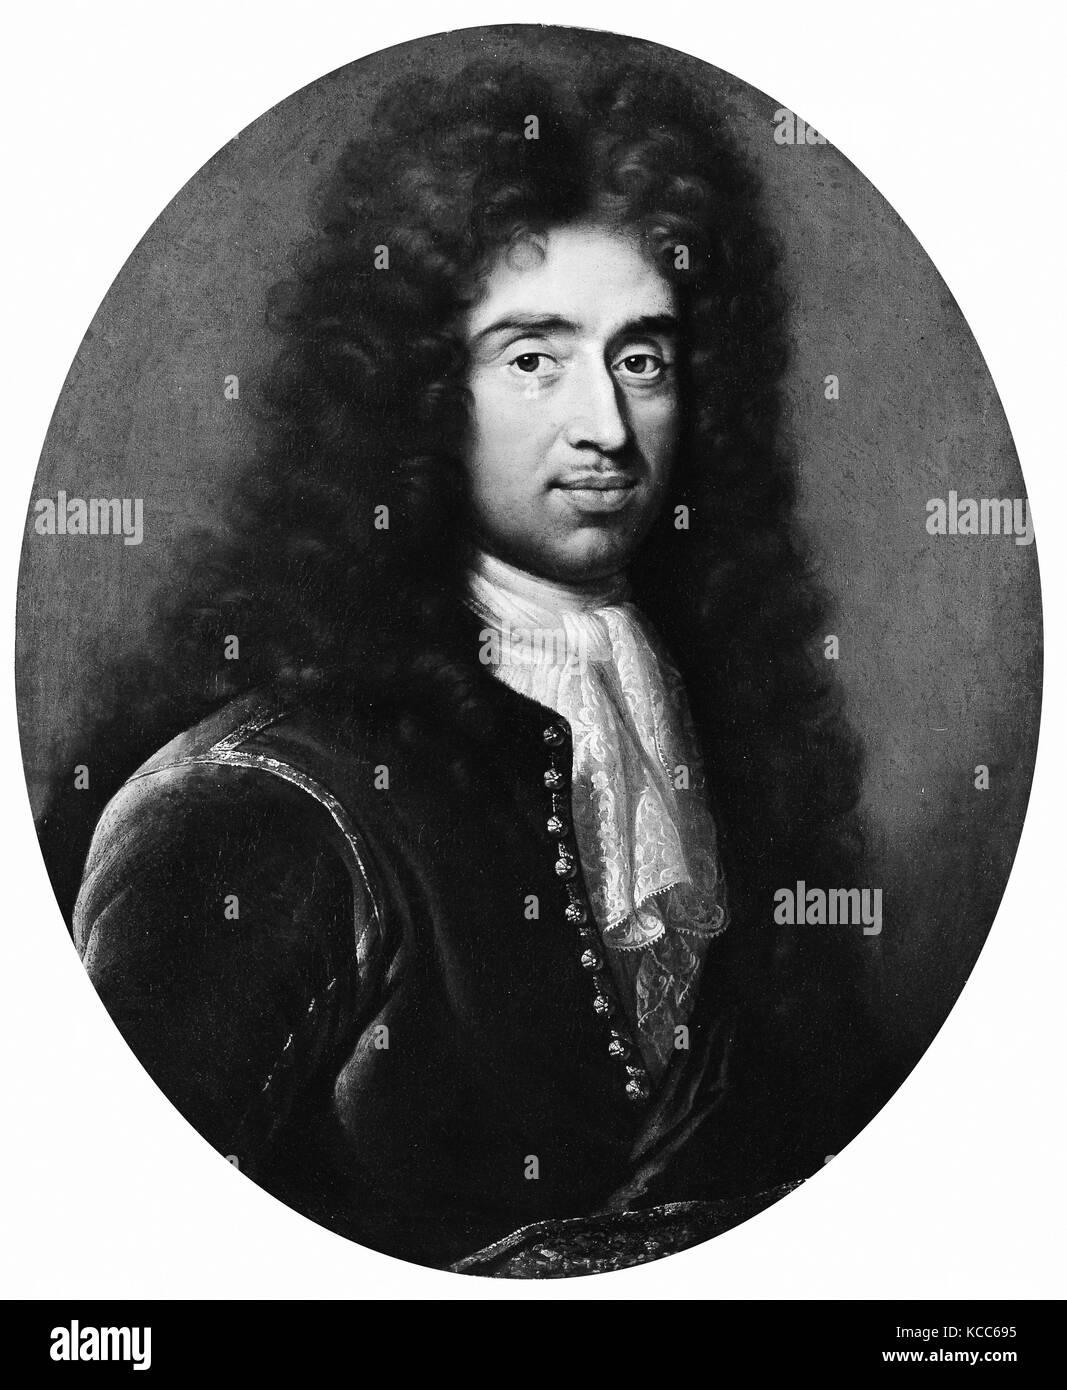 Mantel Henry Raeburn Porträt by eines braunem Herrn in Sir Rj35ALq4